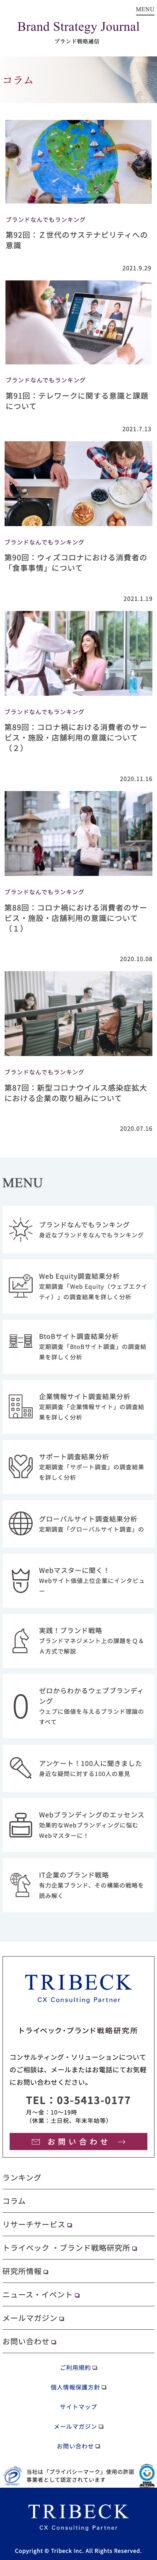 ブランド戦略通信 Brand Strategy journal